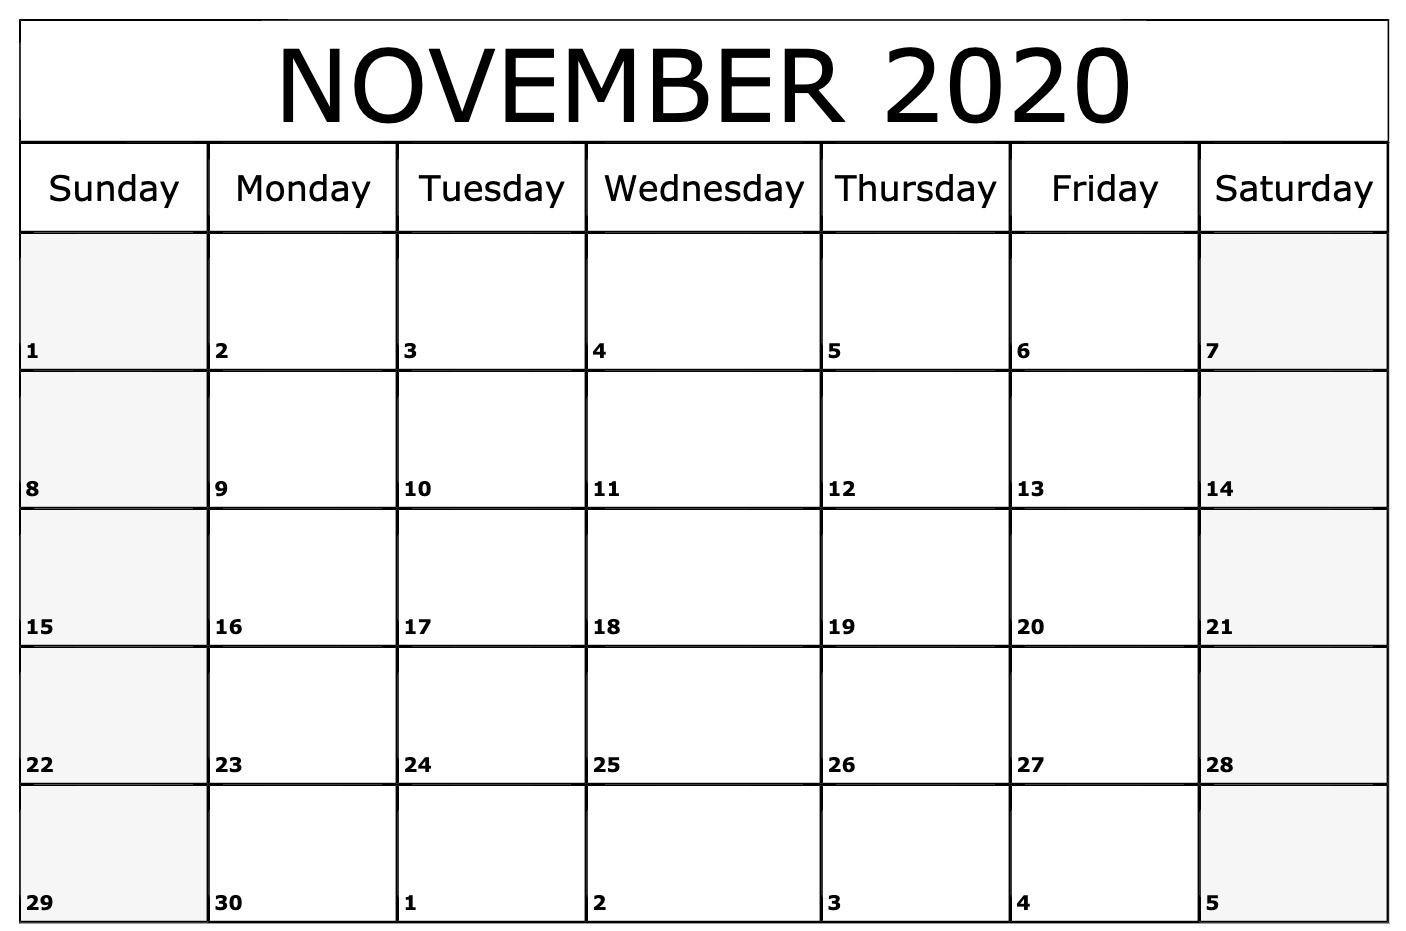 November 2020 Calendar Printable Template   Monthly  Novemner 2020 Full Page Calander Template